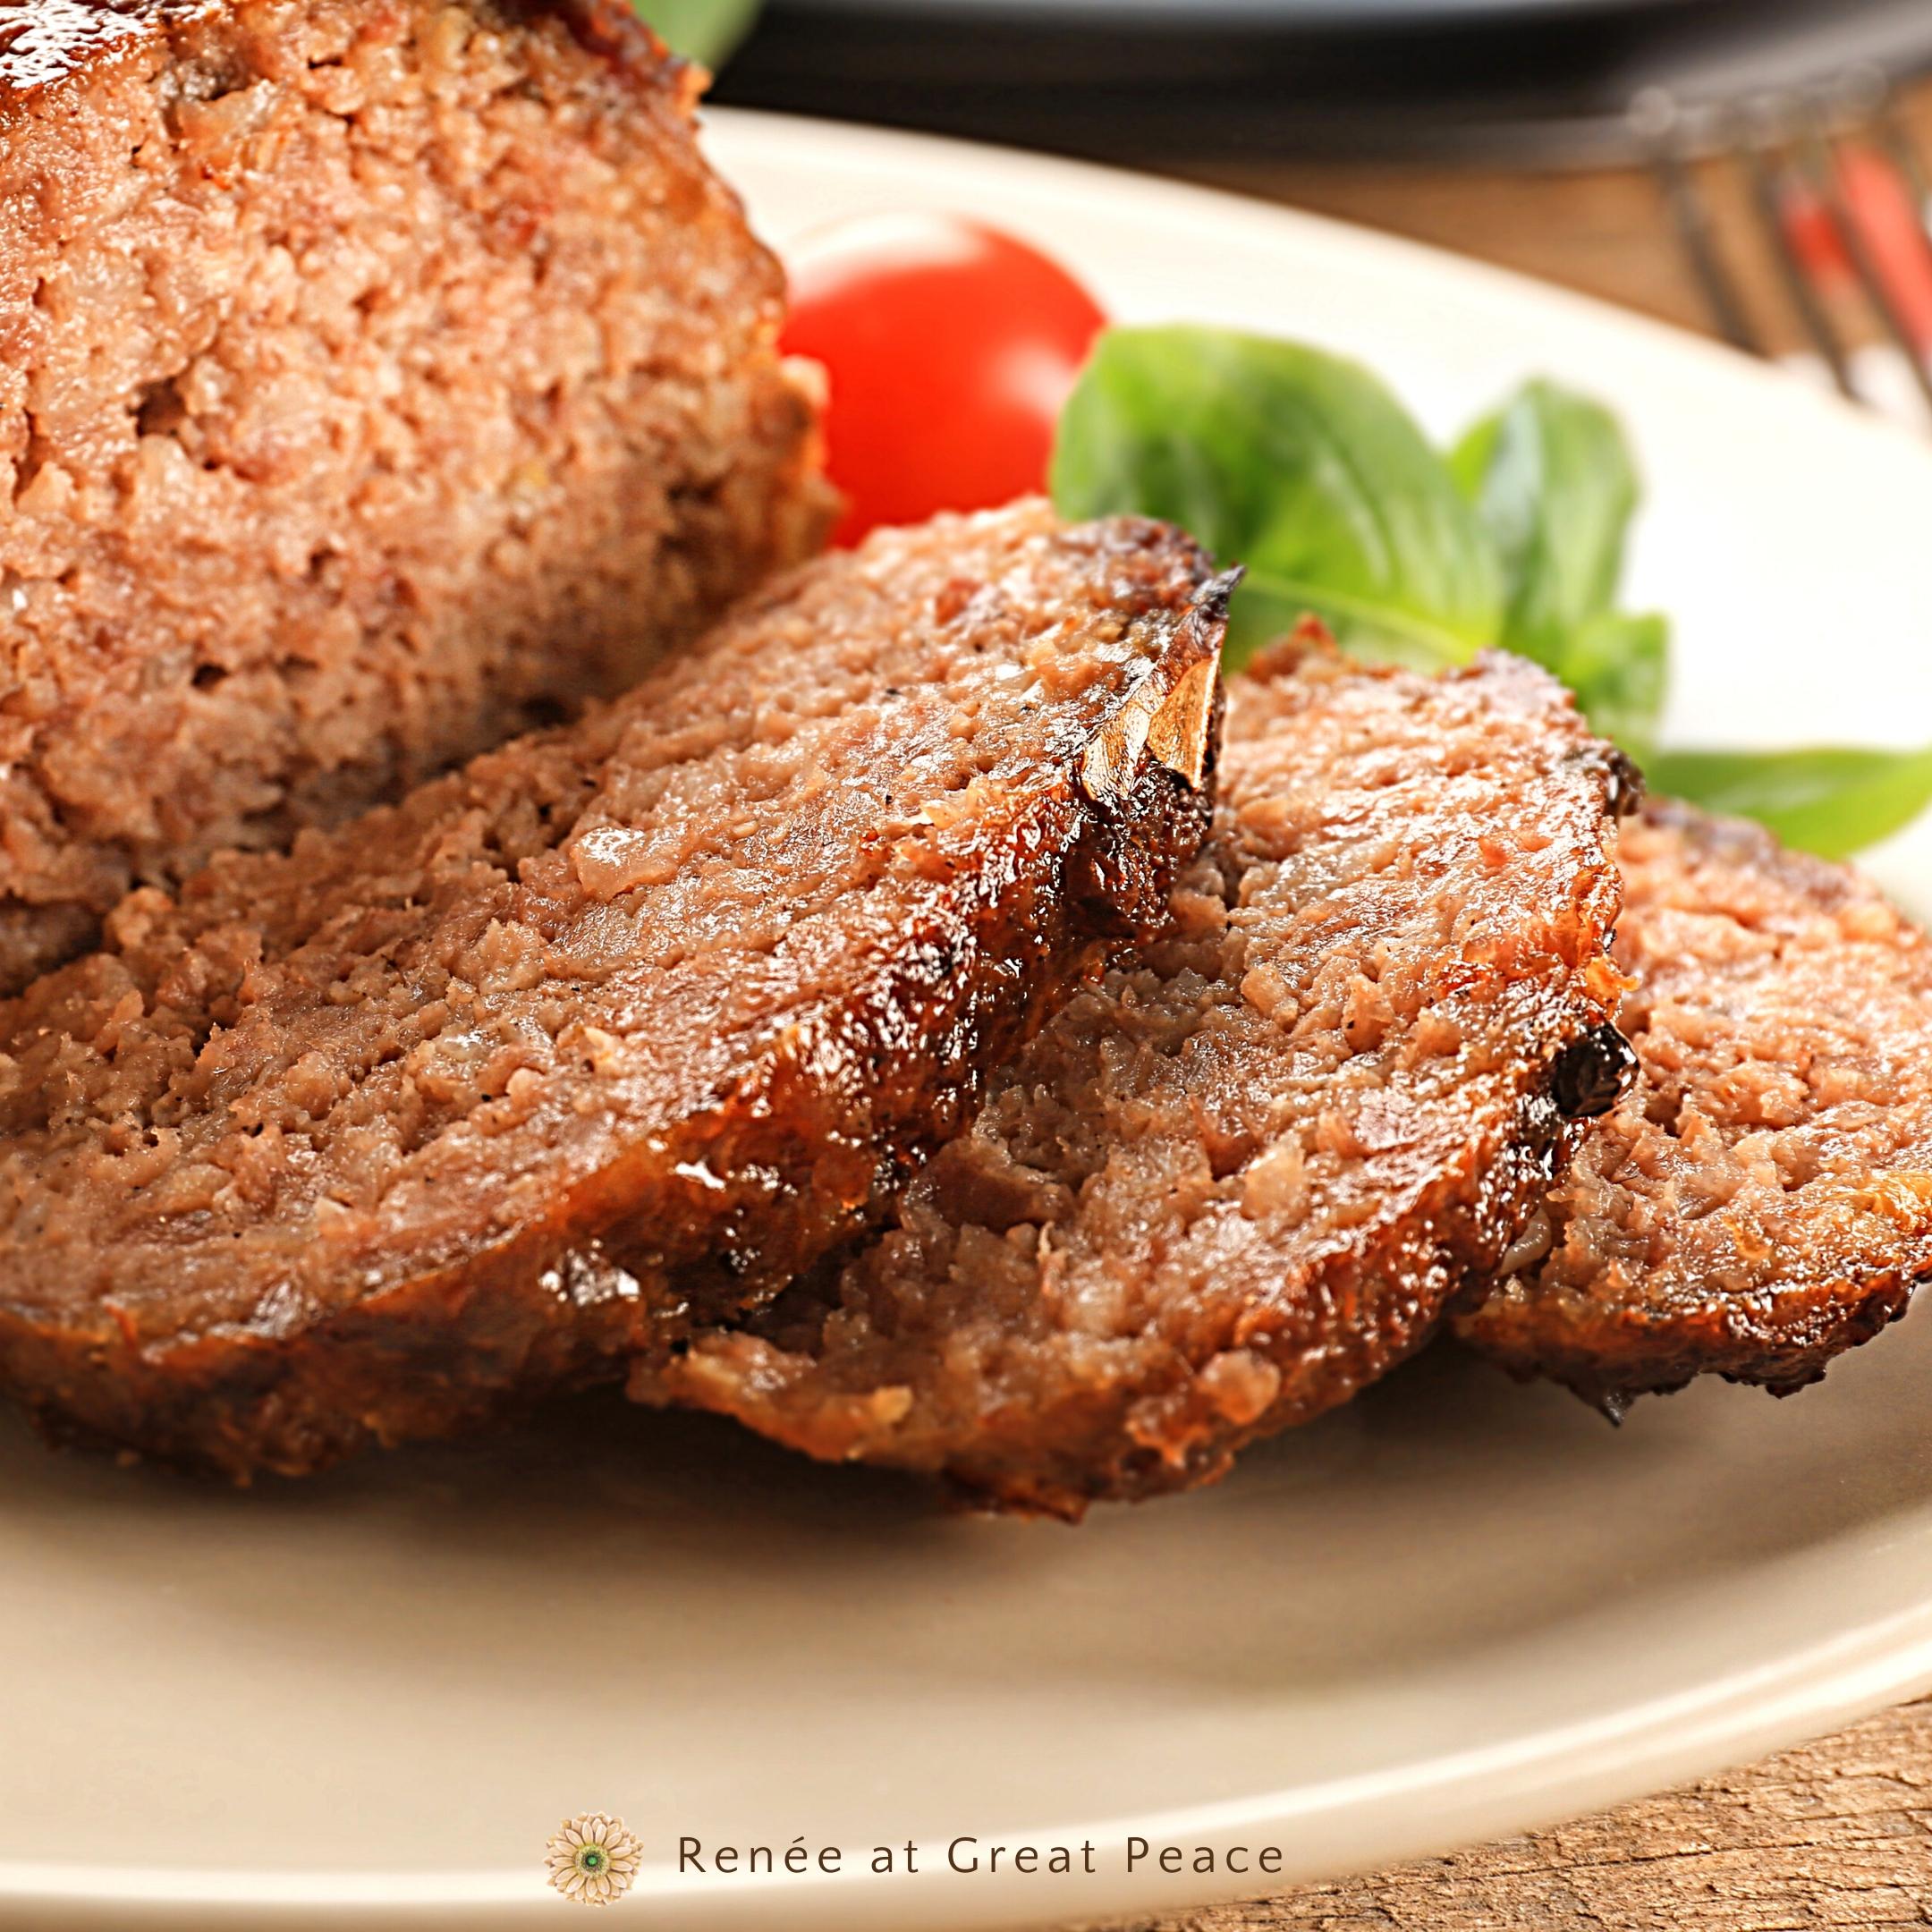 Easy Ground Turkey Family Dinner Ideas | Renee at Great Peace #mealplanning #groundturkey #dinnerideas #turkey